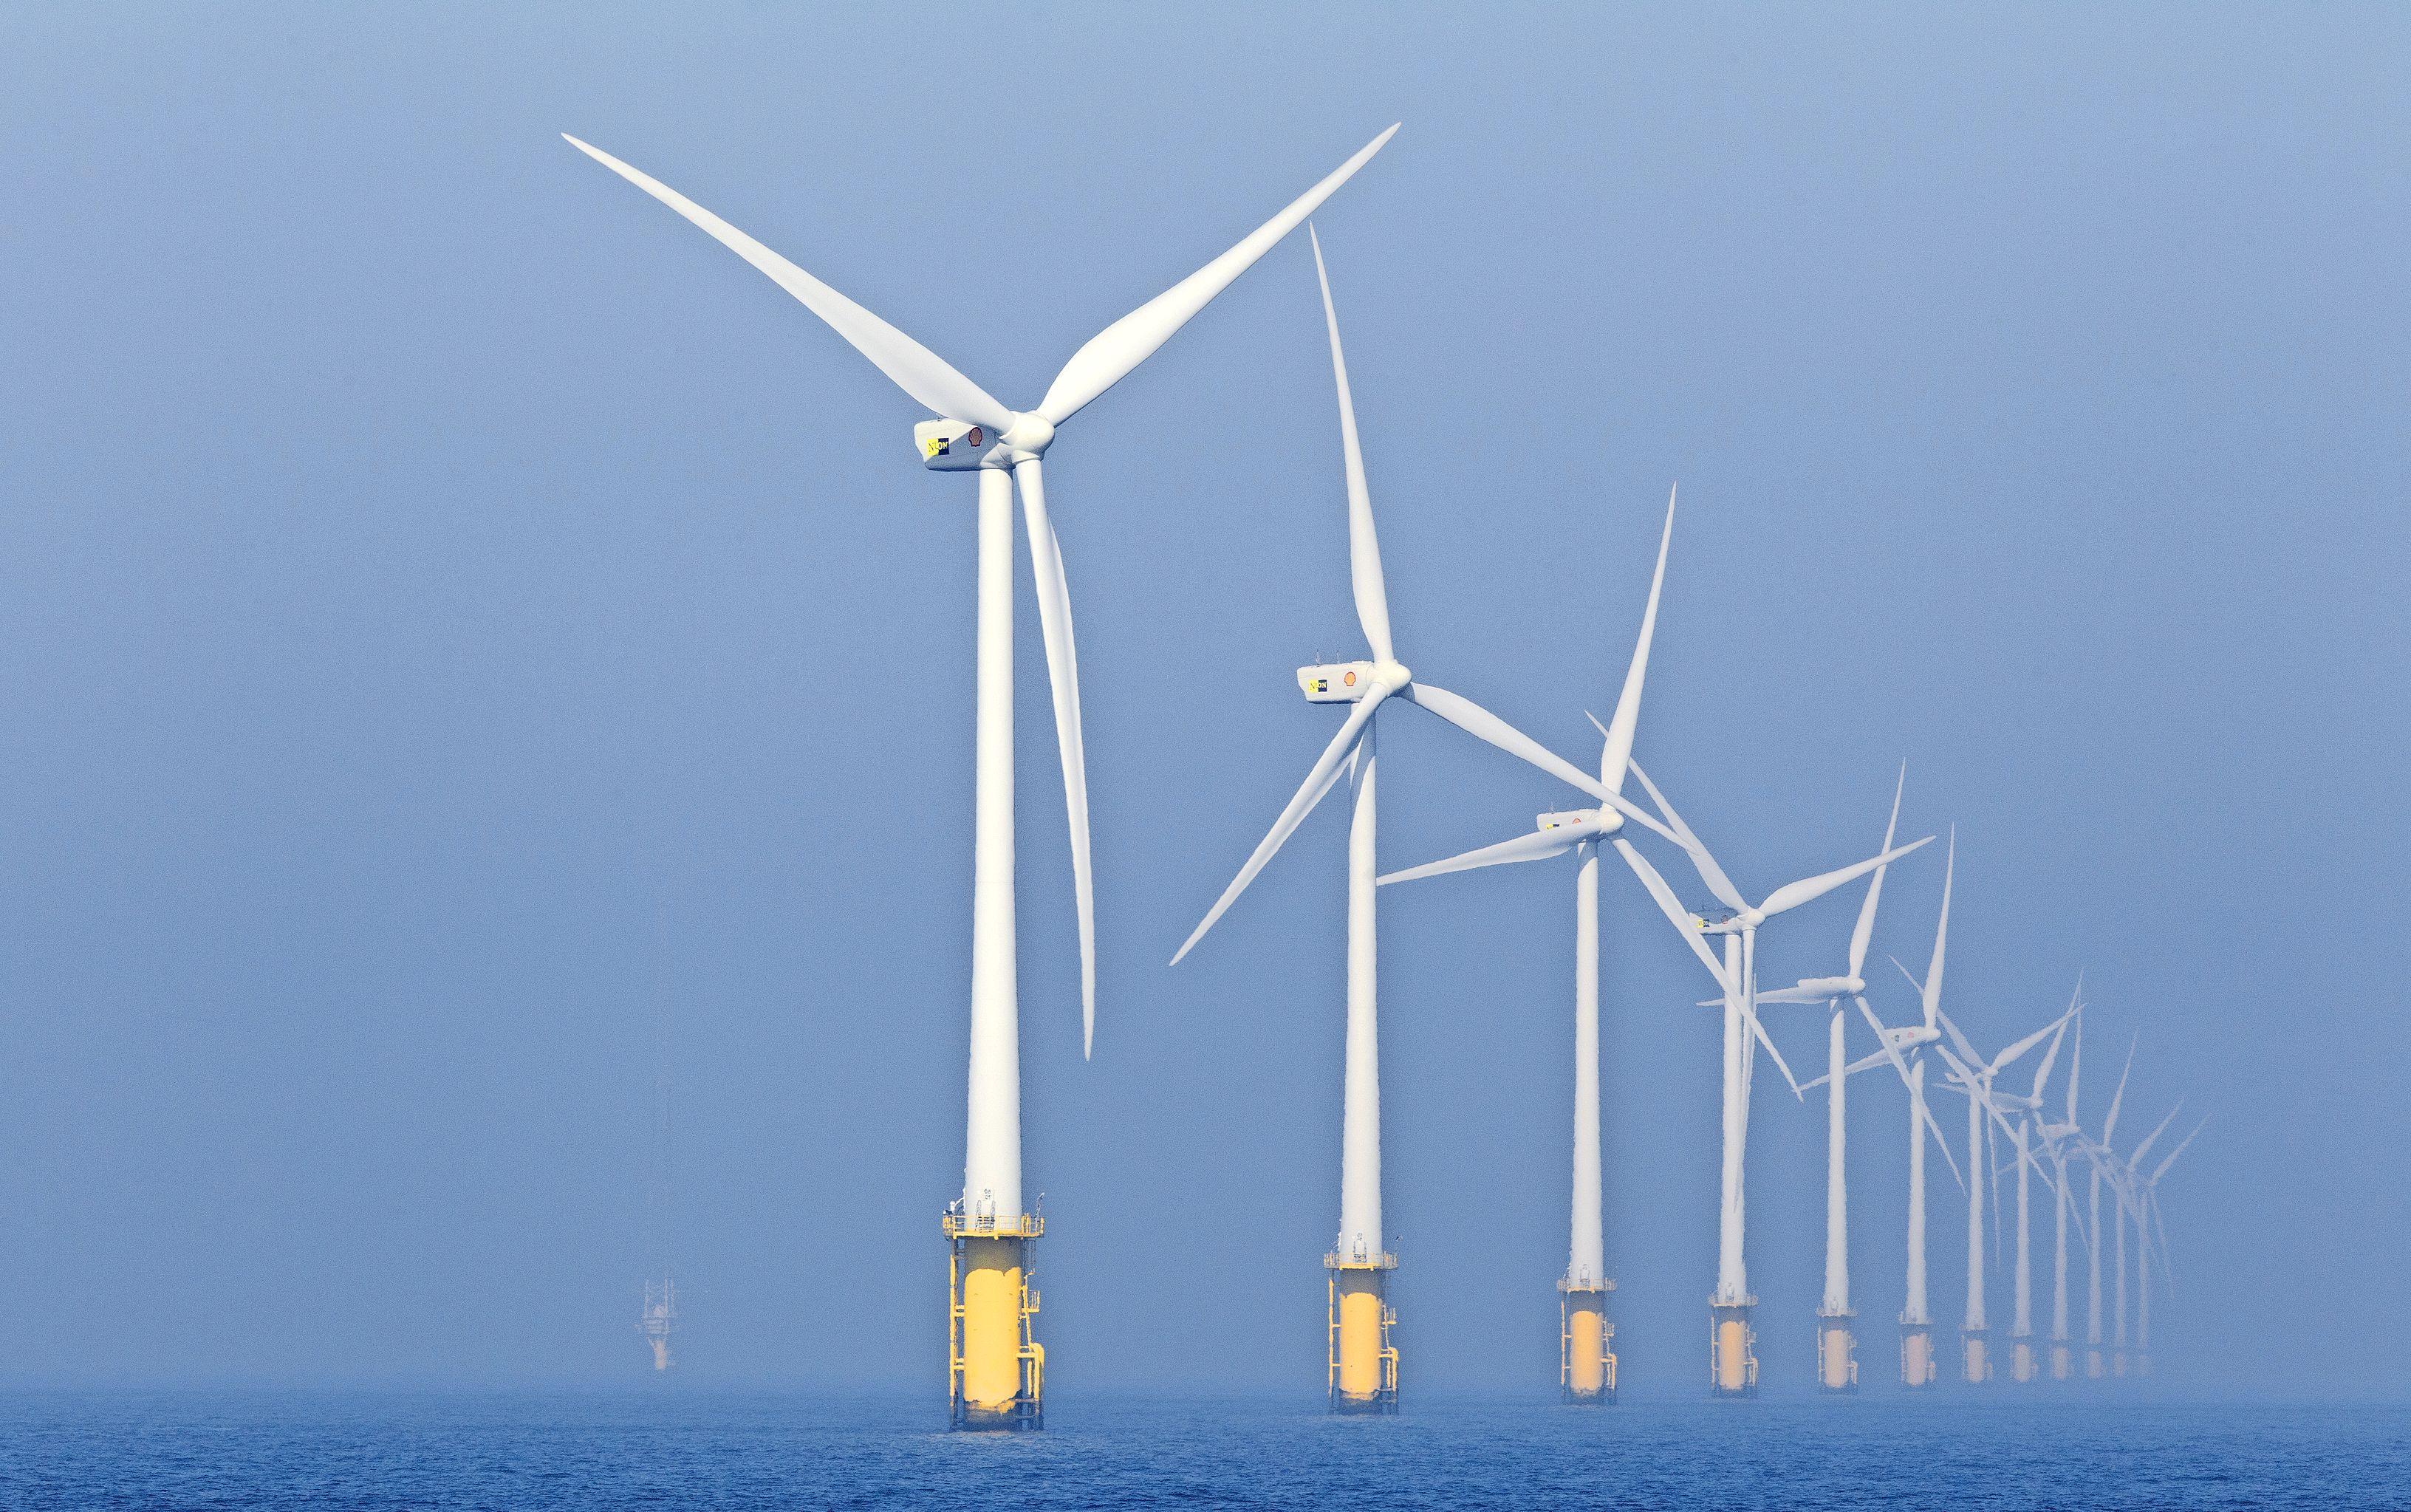 Energie uit zon en wind alleen kan fossiele energiebronnen niet vervangen, denkt Seniorenpartij Schagen. Inwoners kunnen meepraten over alternatieven